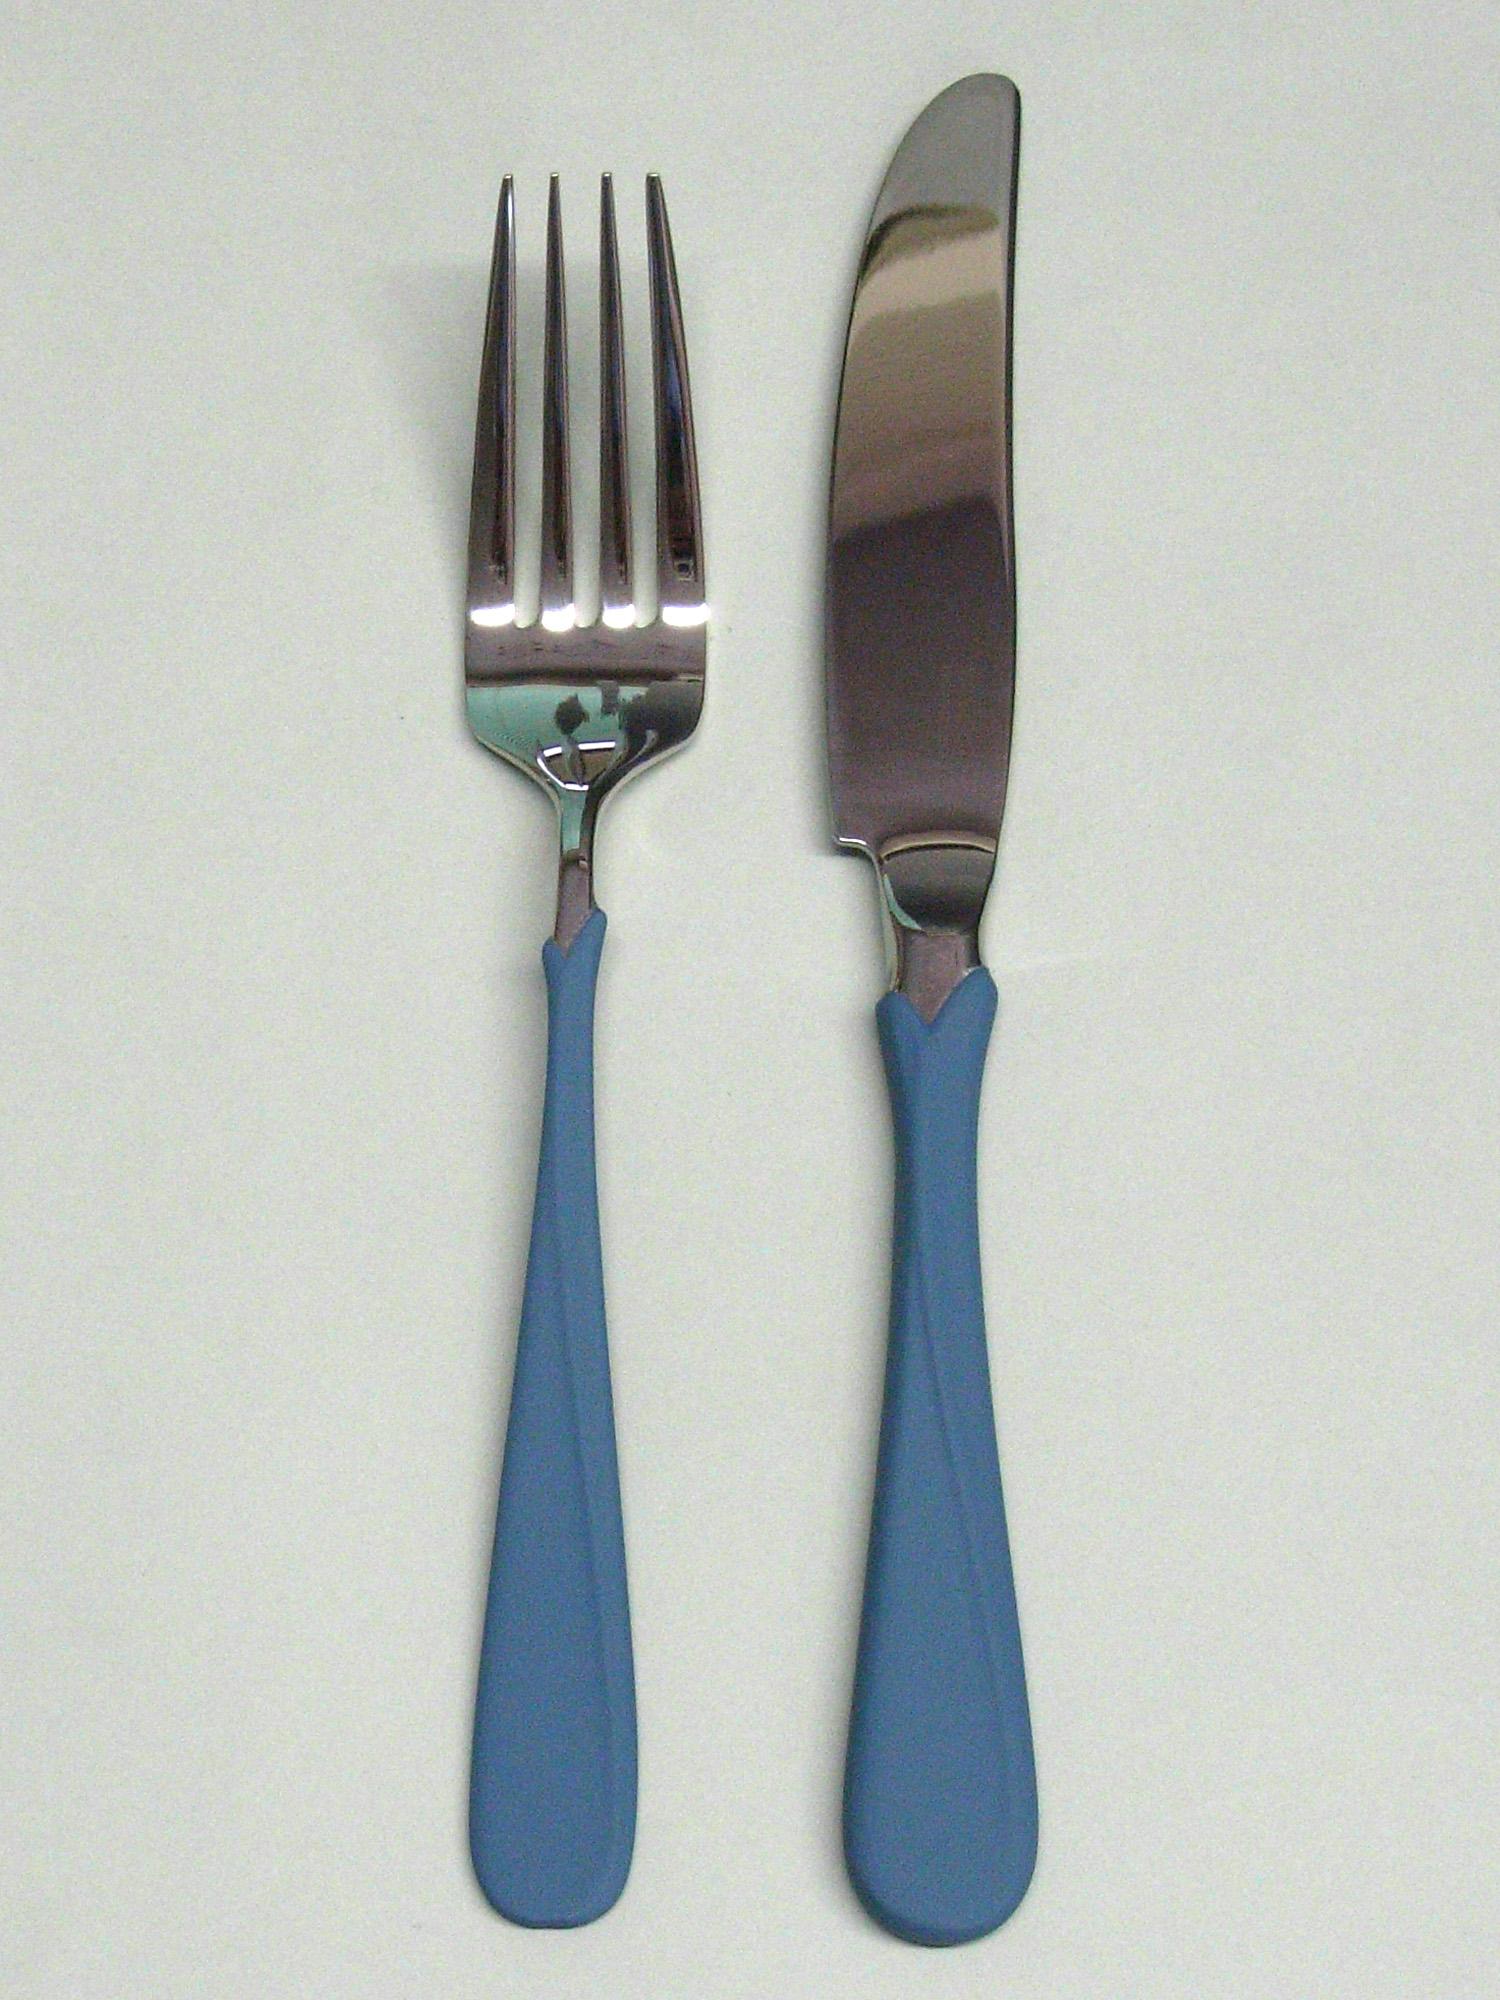 食育カトラリーシリーズ